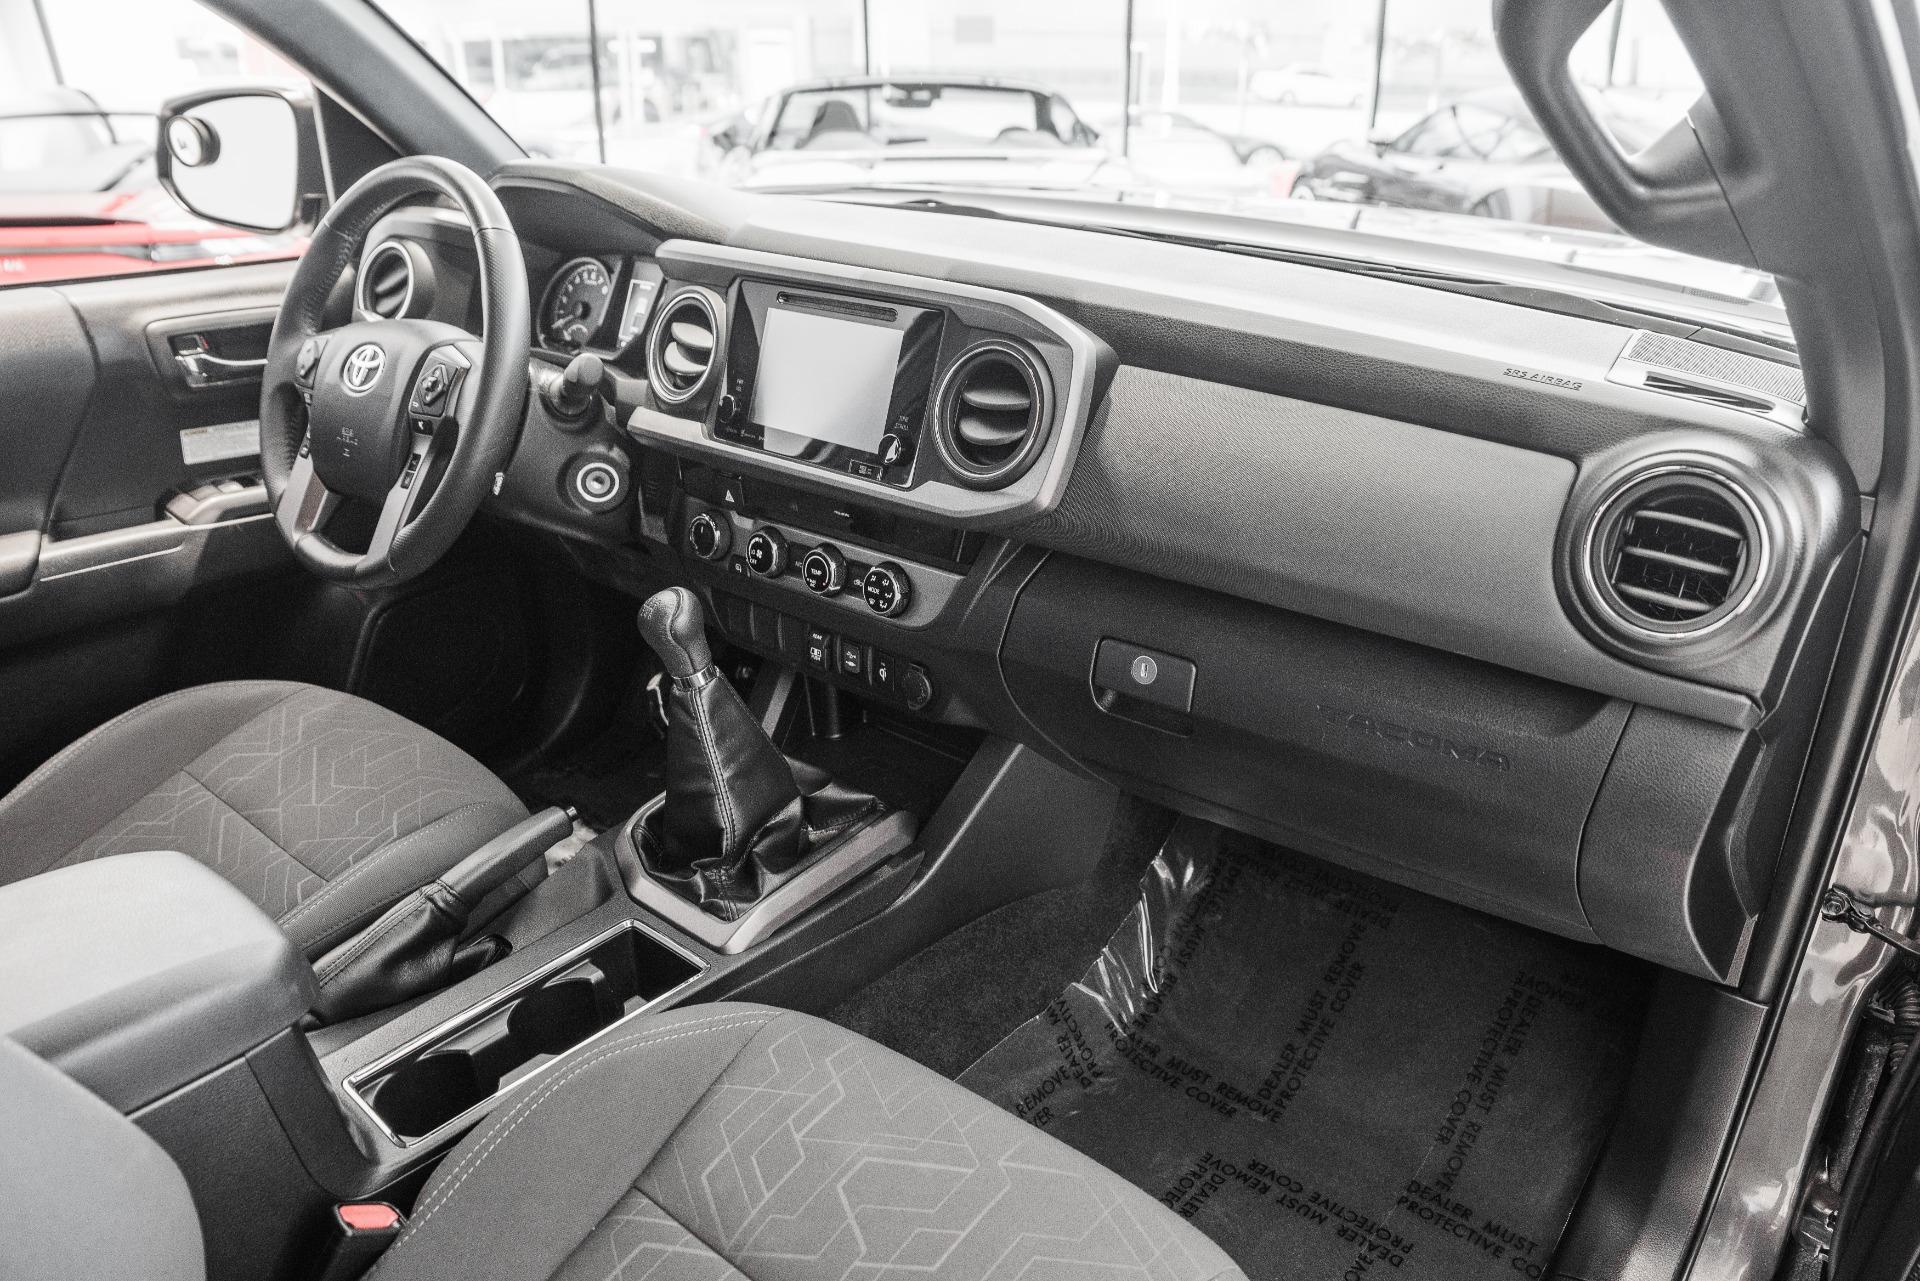 Used-2018-Toyota-Tacoma